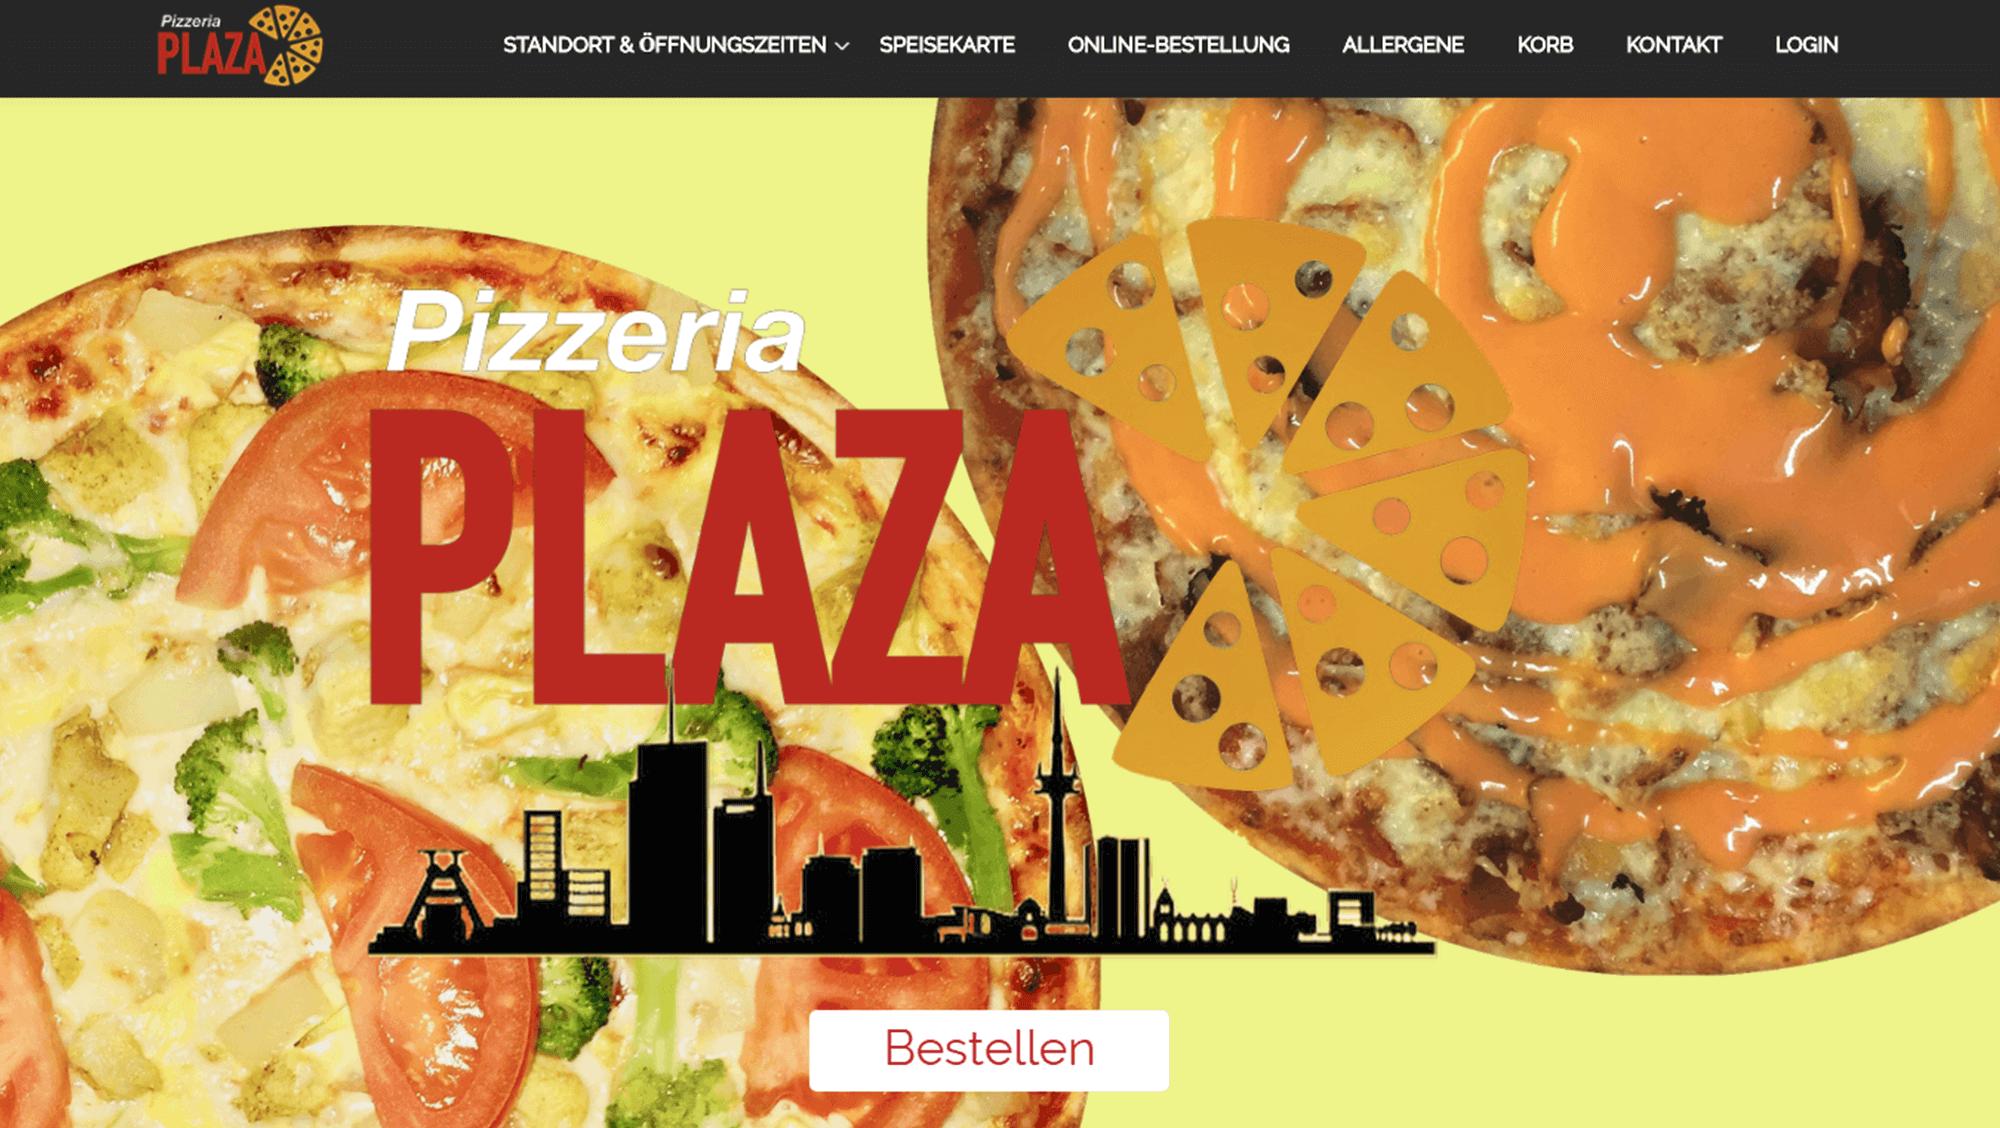 Brandcrock-pizza-plaza_header